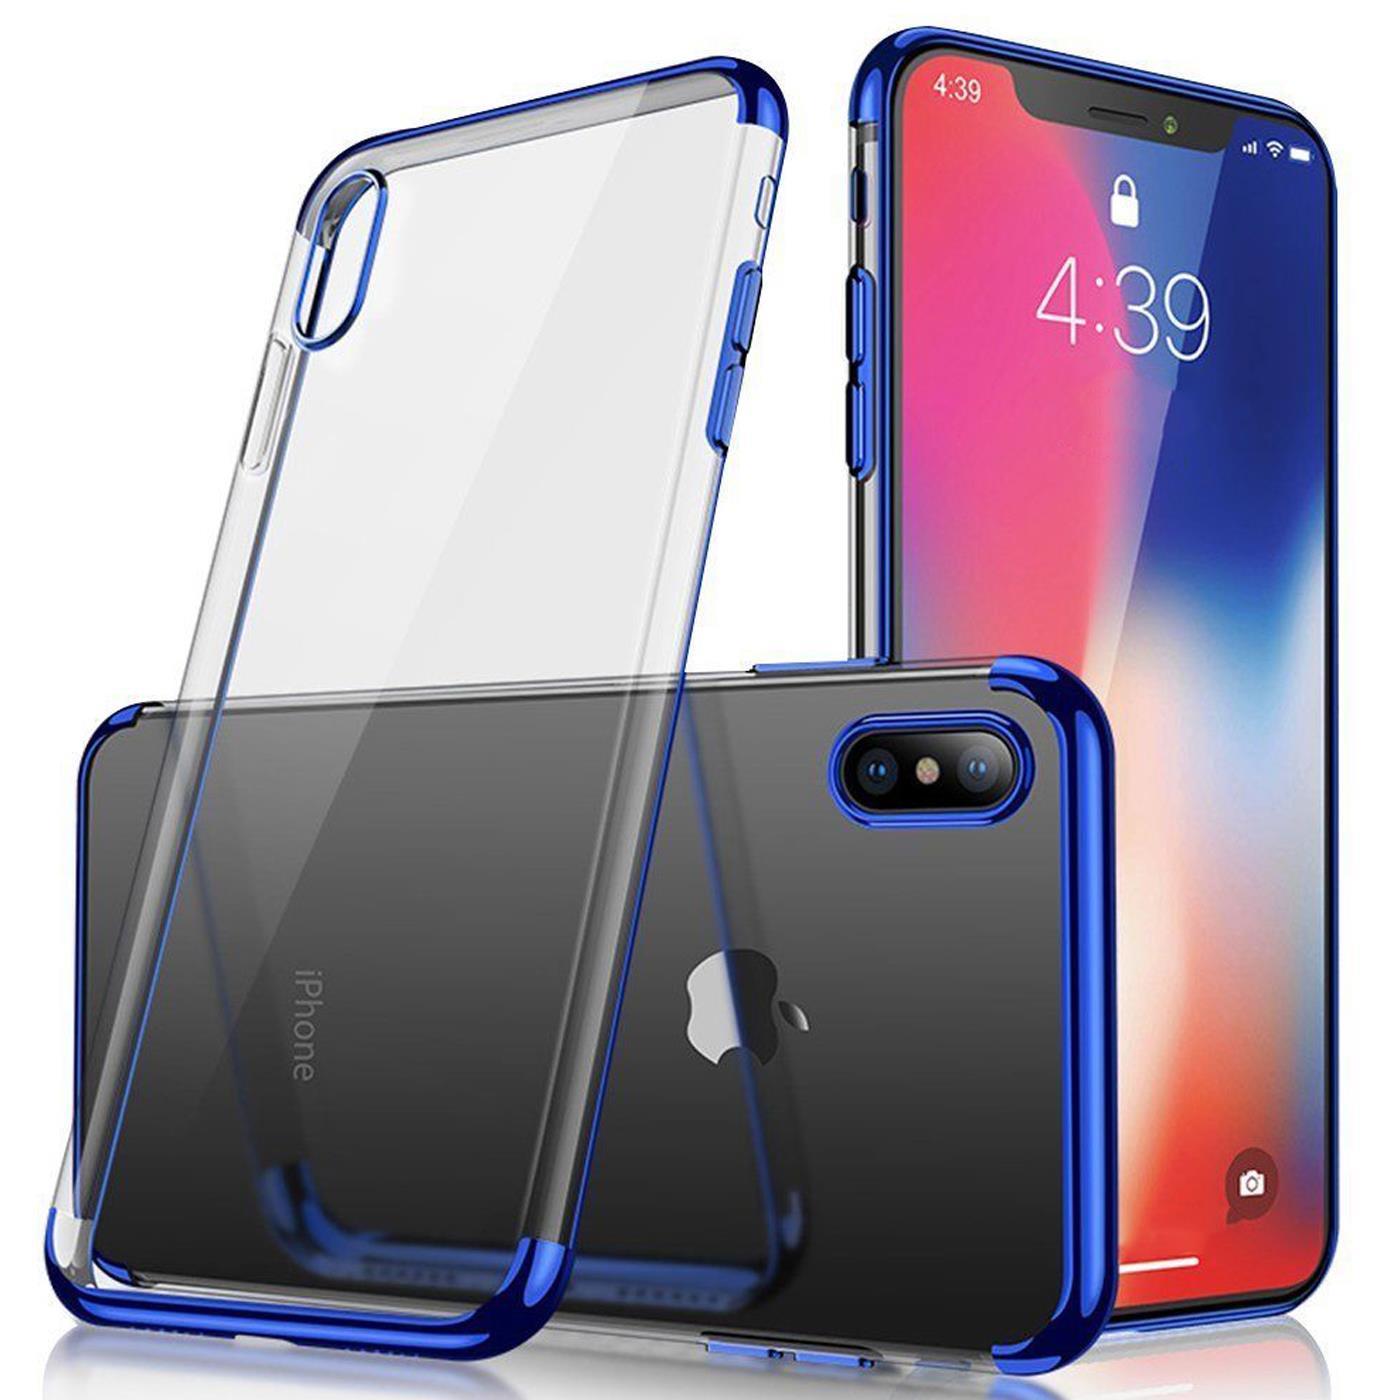 Schutzhuelle-Apple-iPhone-Slim-Glanz-Case-Handy-Cover-Huelle-Etui-Bumper-Tasche